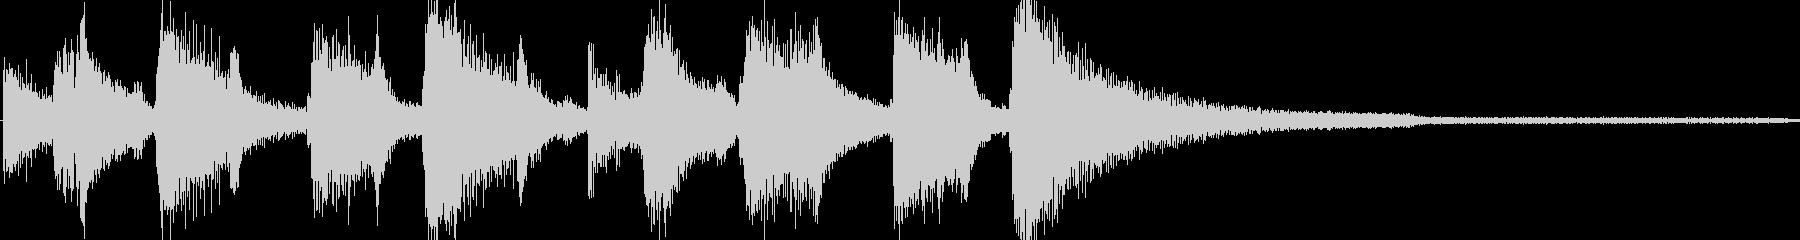 ジングル ジャズ風の未再生の波形